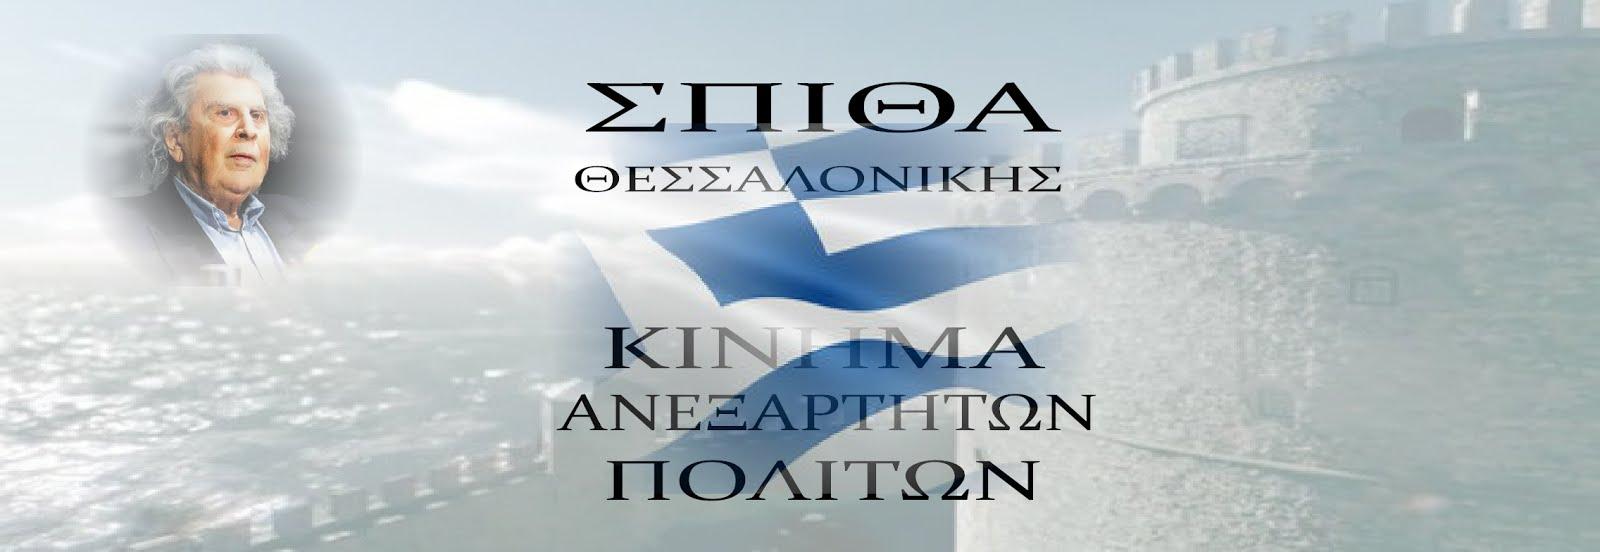 ΣΠΙΘΑ ΘΕΣΣΑΛΟΝΙΚΗΣ